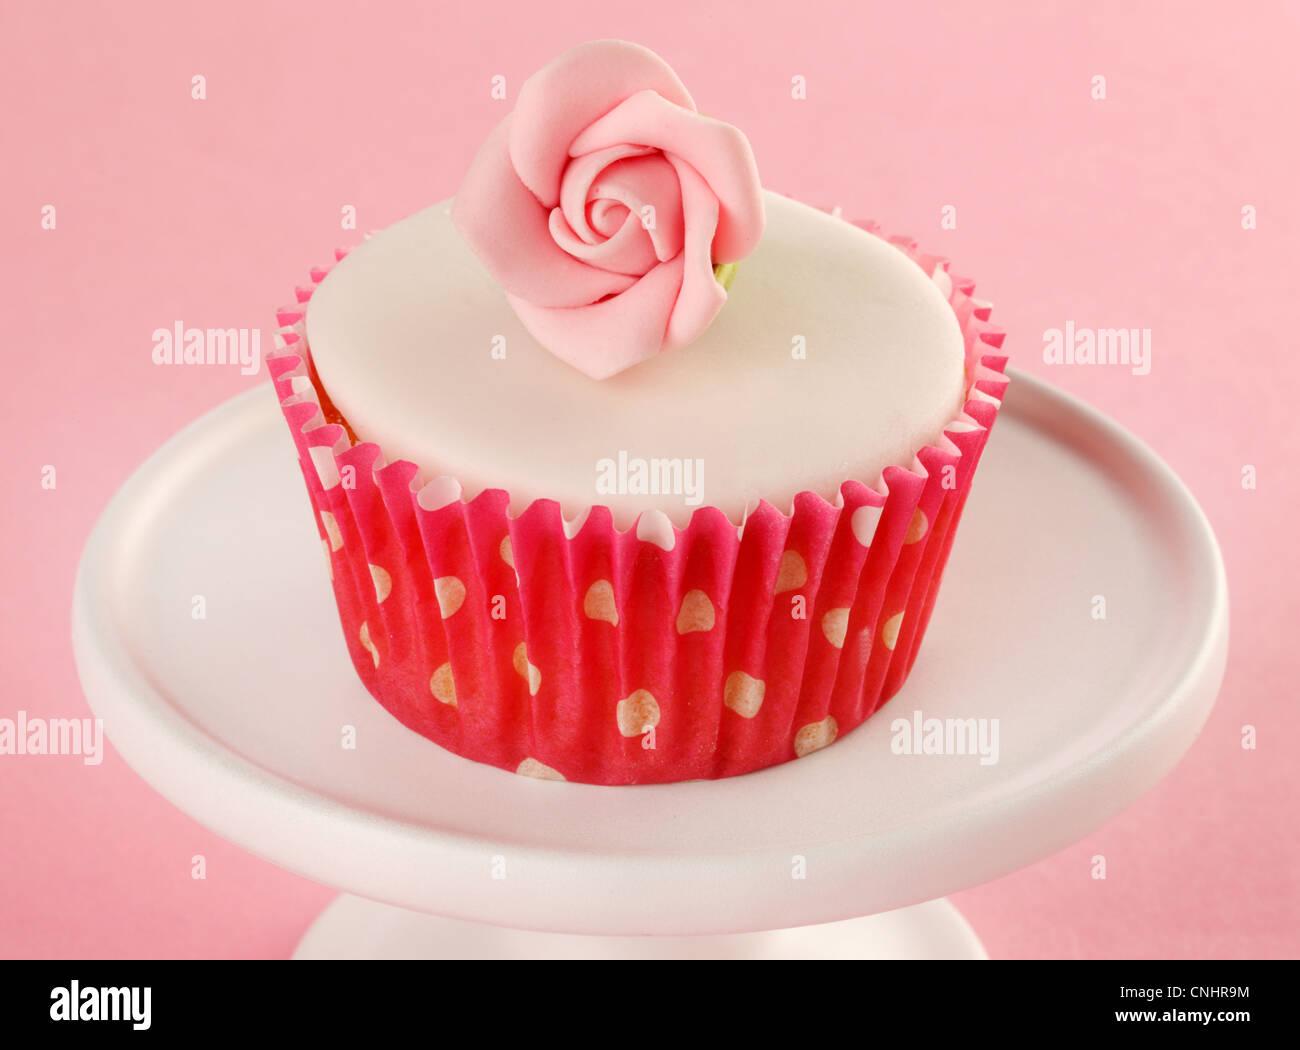 PINK ROSE CUPCAKE - Stock Image